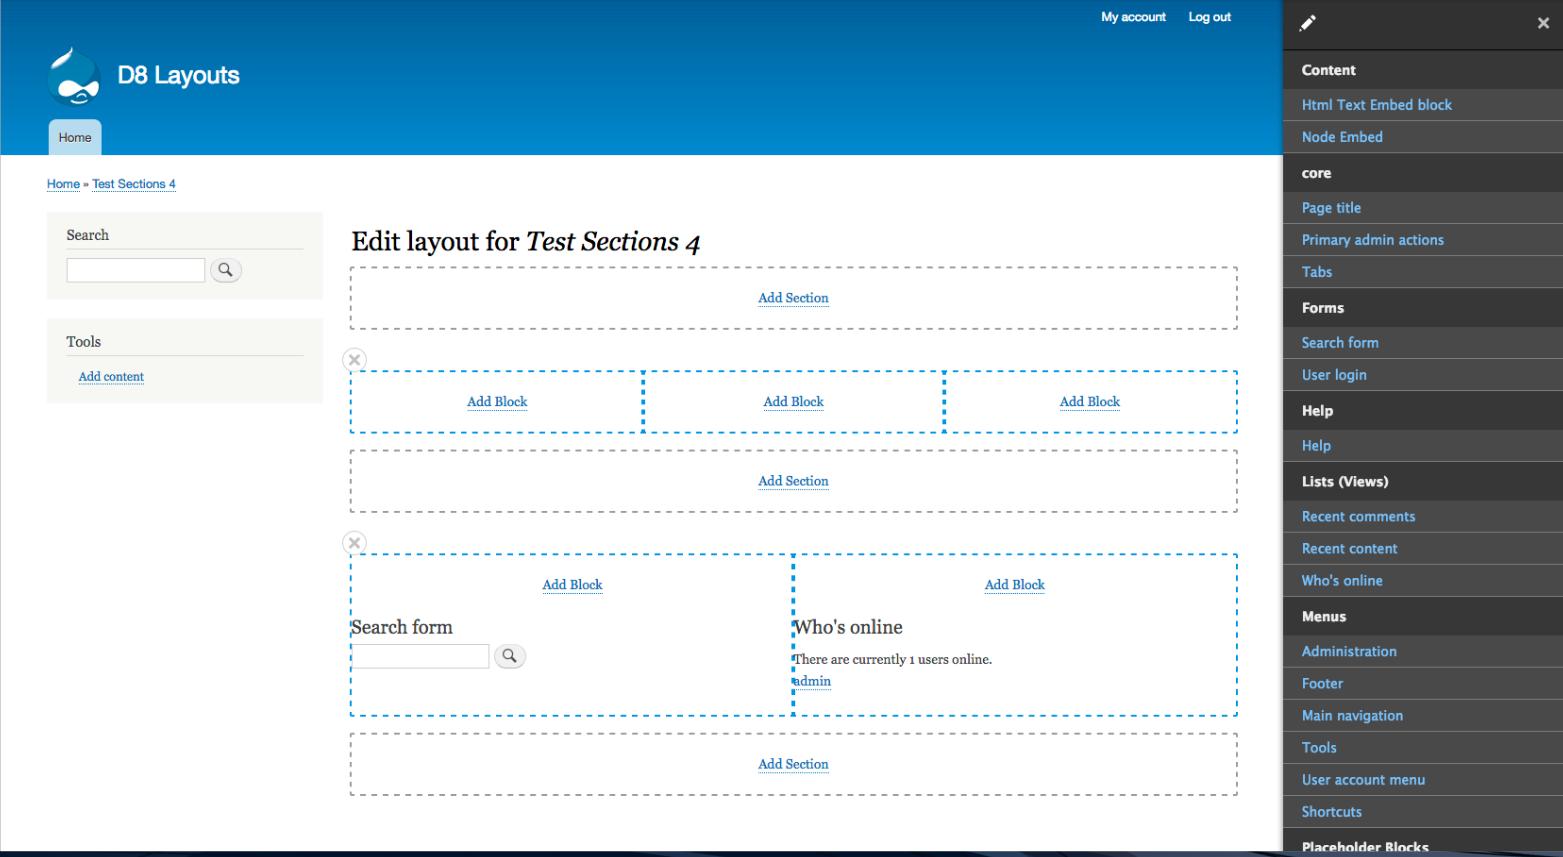 Gestionnaire de modèle de pages Layout Builder de Drupal